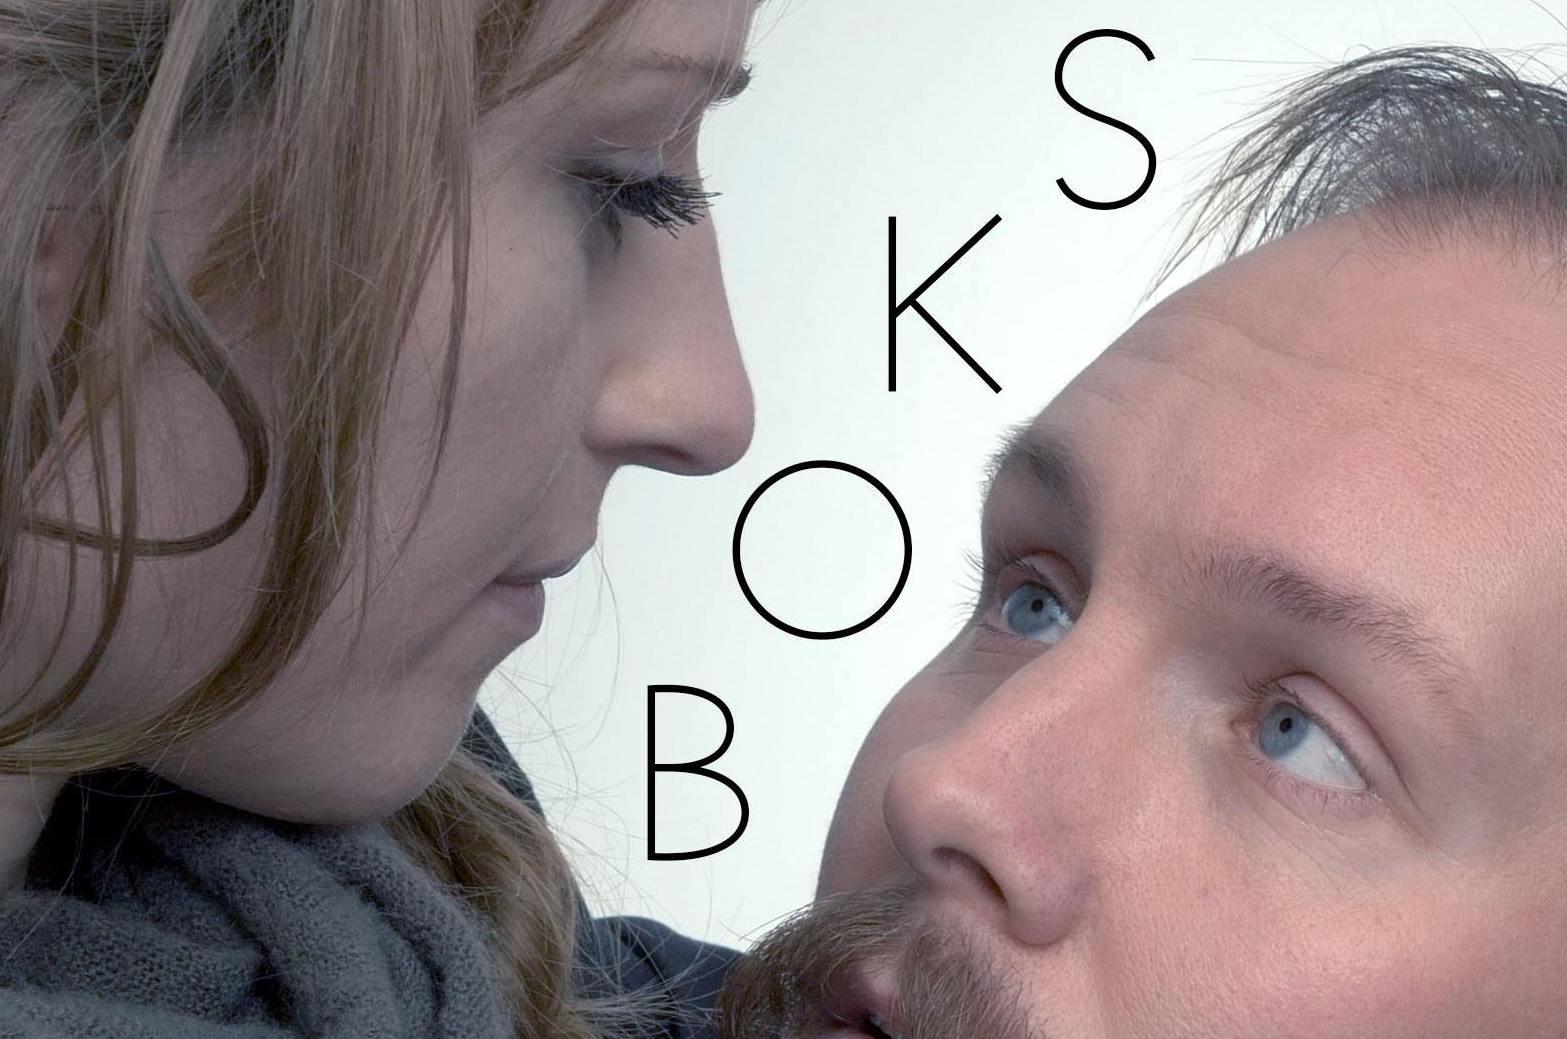 Utsnitt fra filmpakaten til kortfilmen Boks.